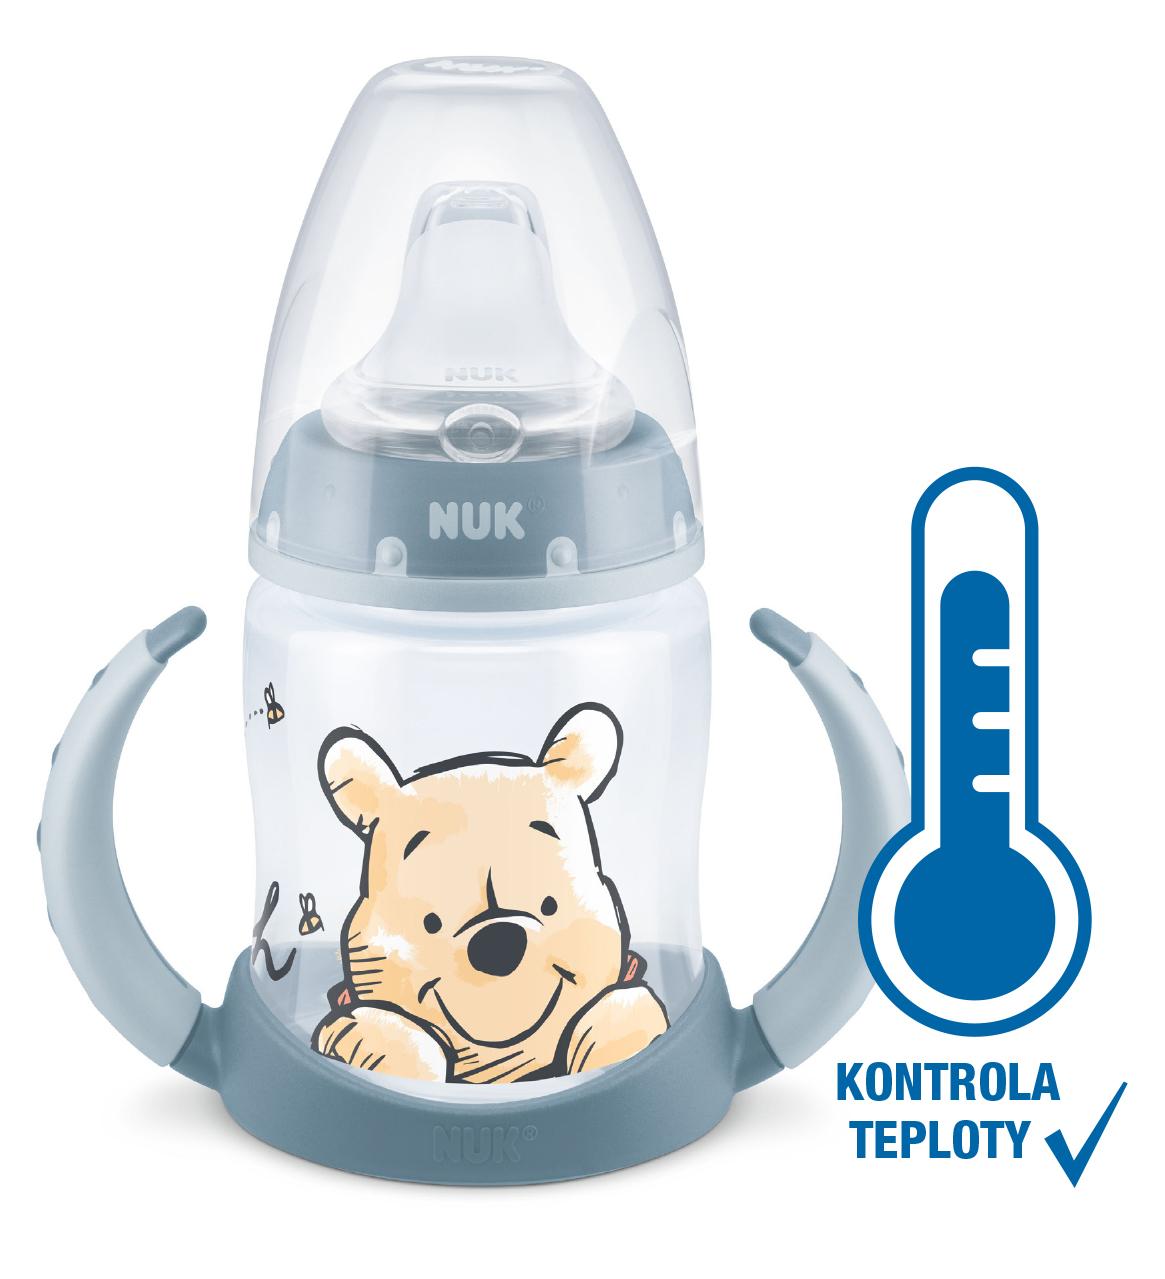 NUK FC lahev na učení s kontrolou teploty Medvídek Pú, modrá